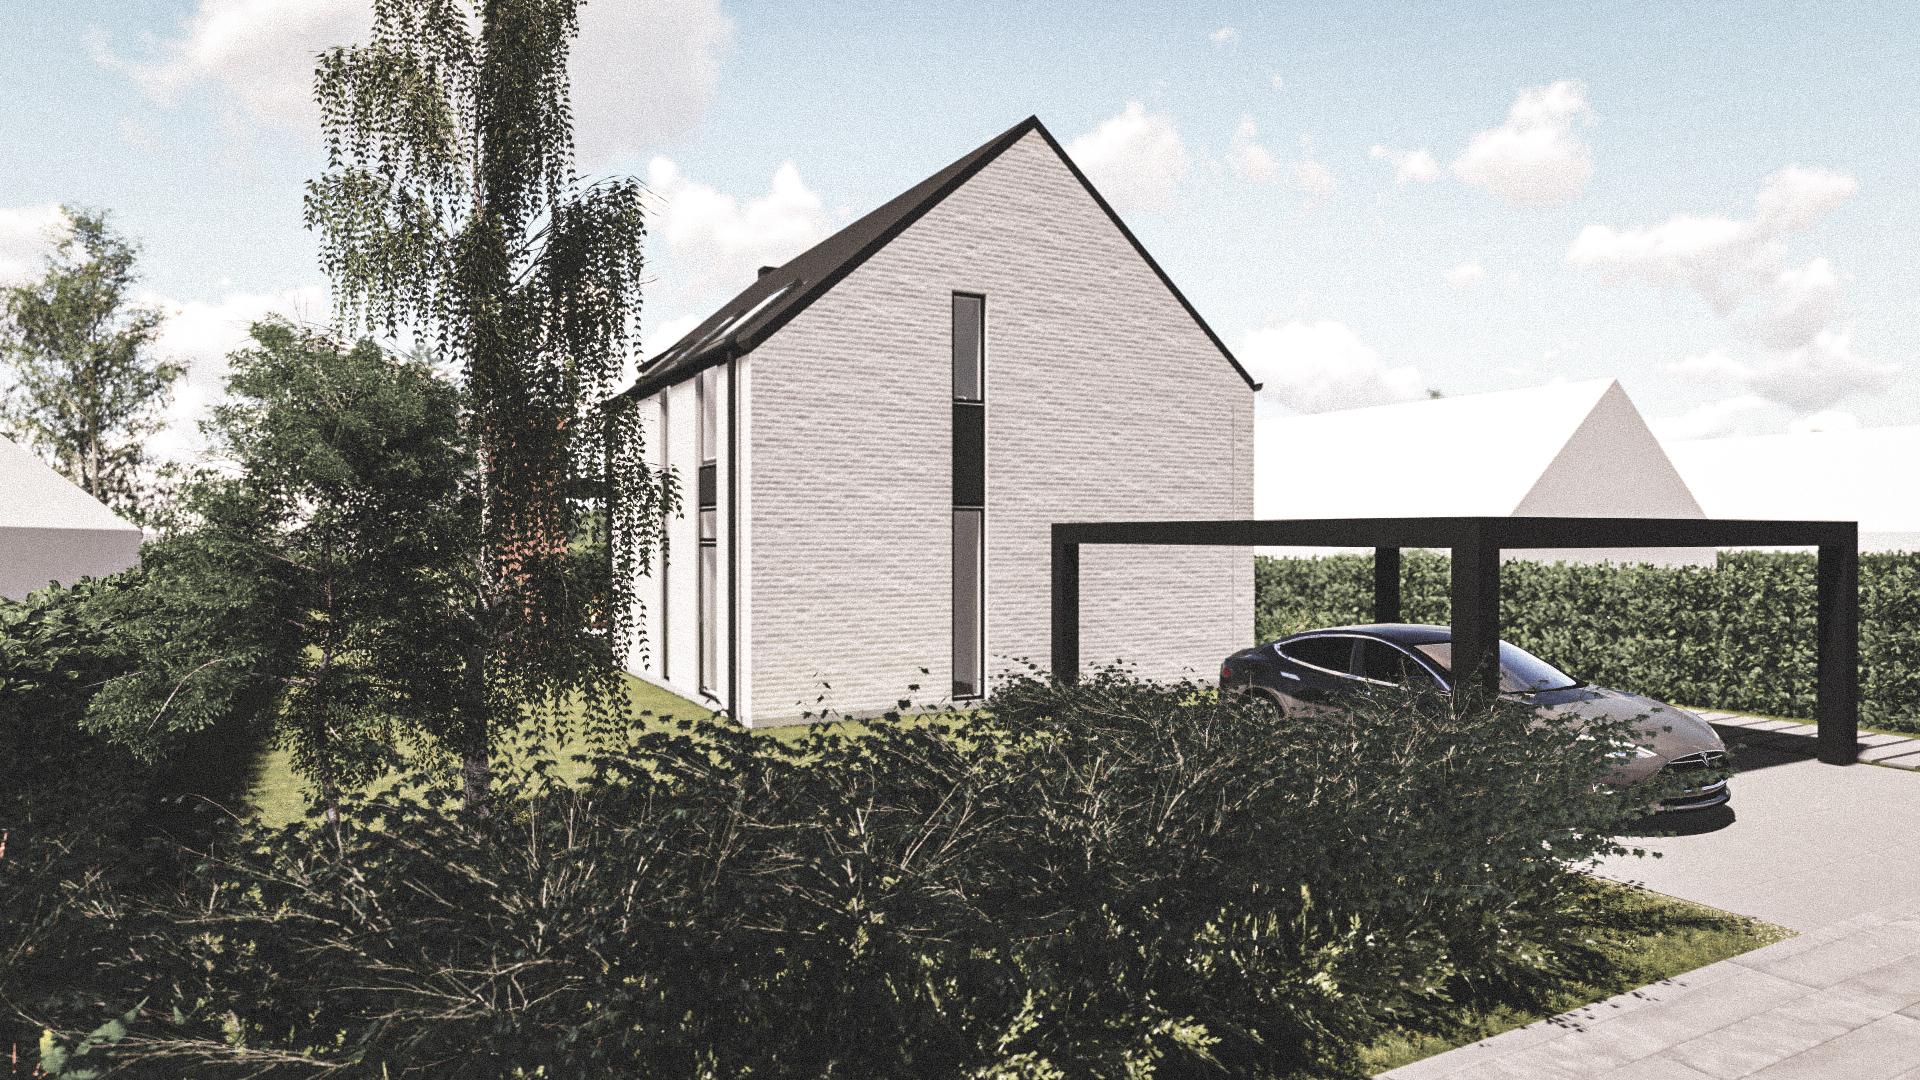 Billede af Dansk arkitekttegnet 2 plan villa af arkitektfirmaet m2plus, i Kastrup på 173 kvartratmeter.